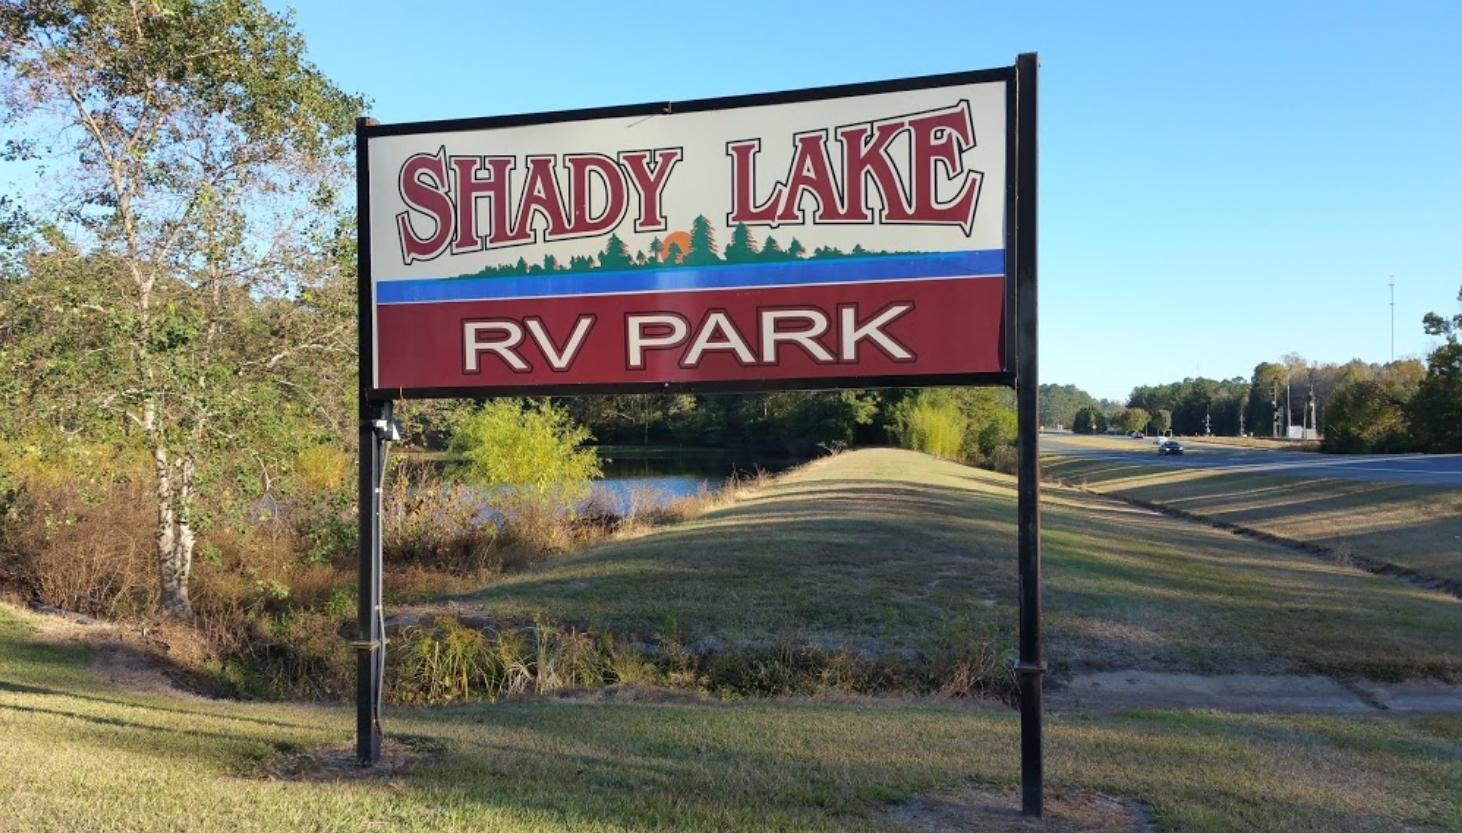 Shady Lake RV Park